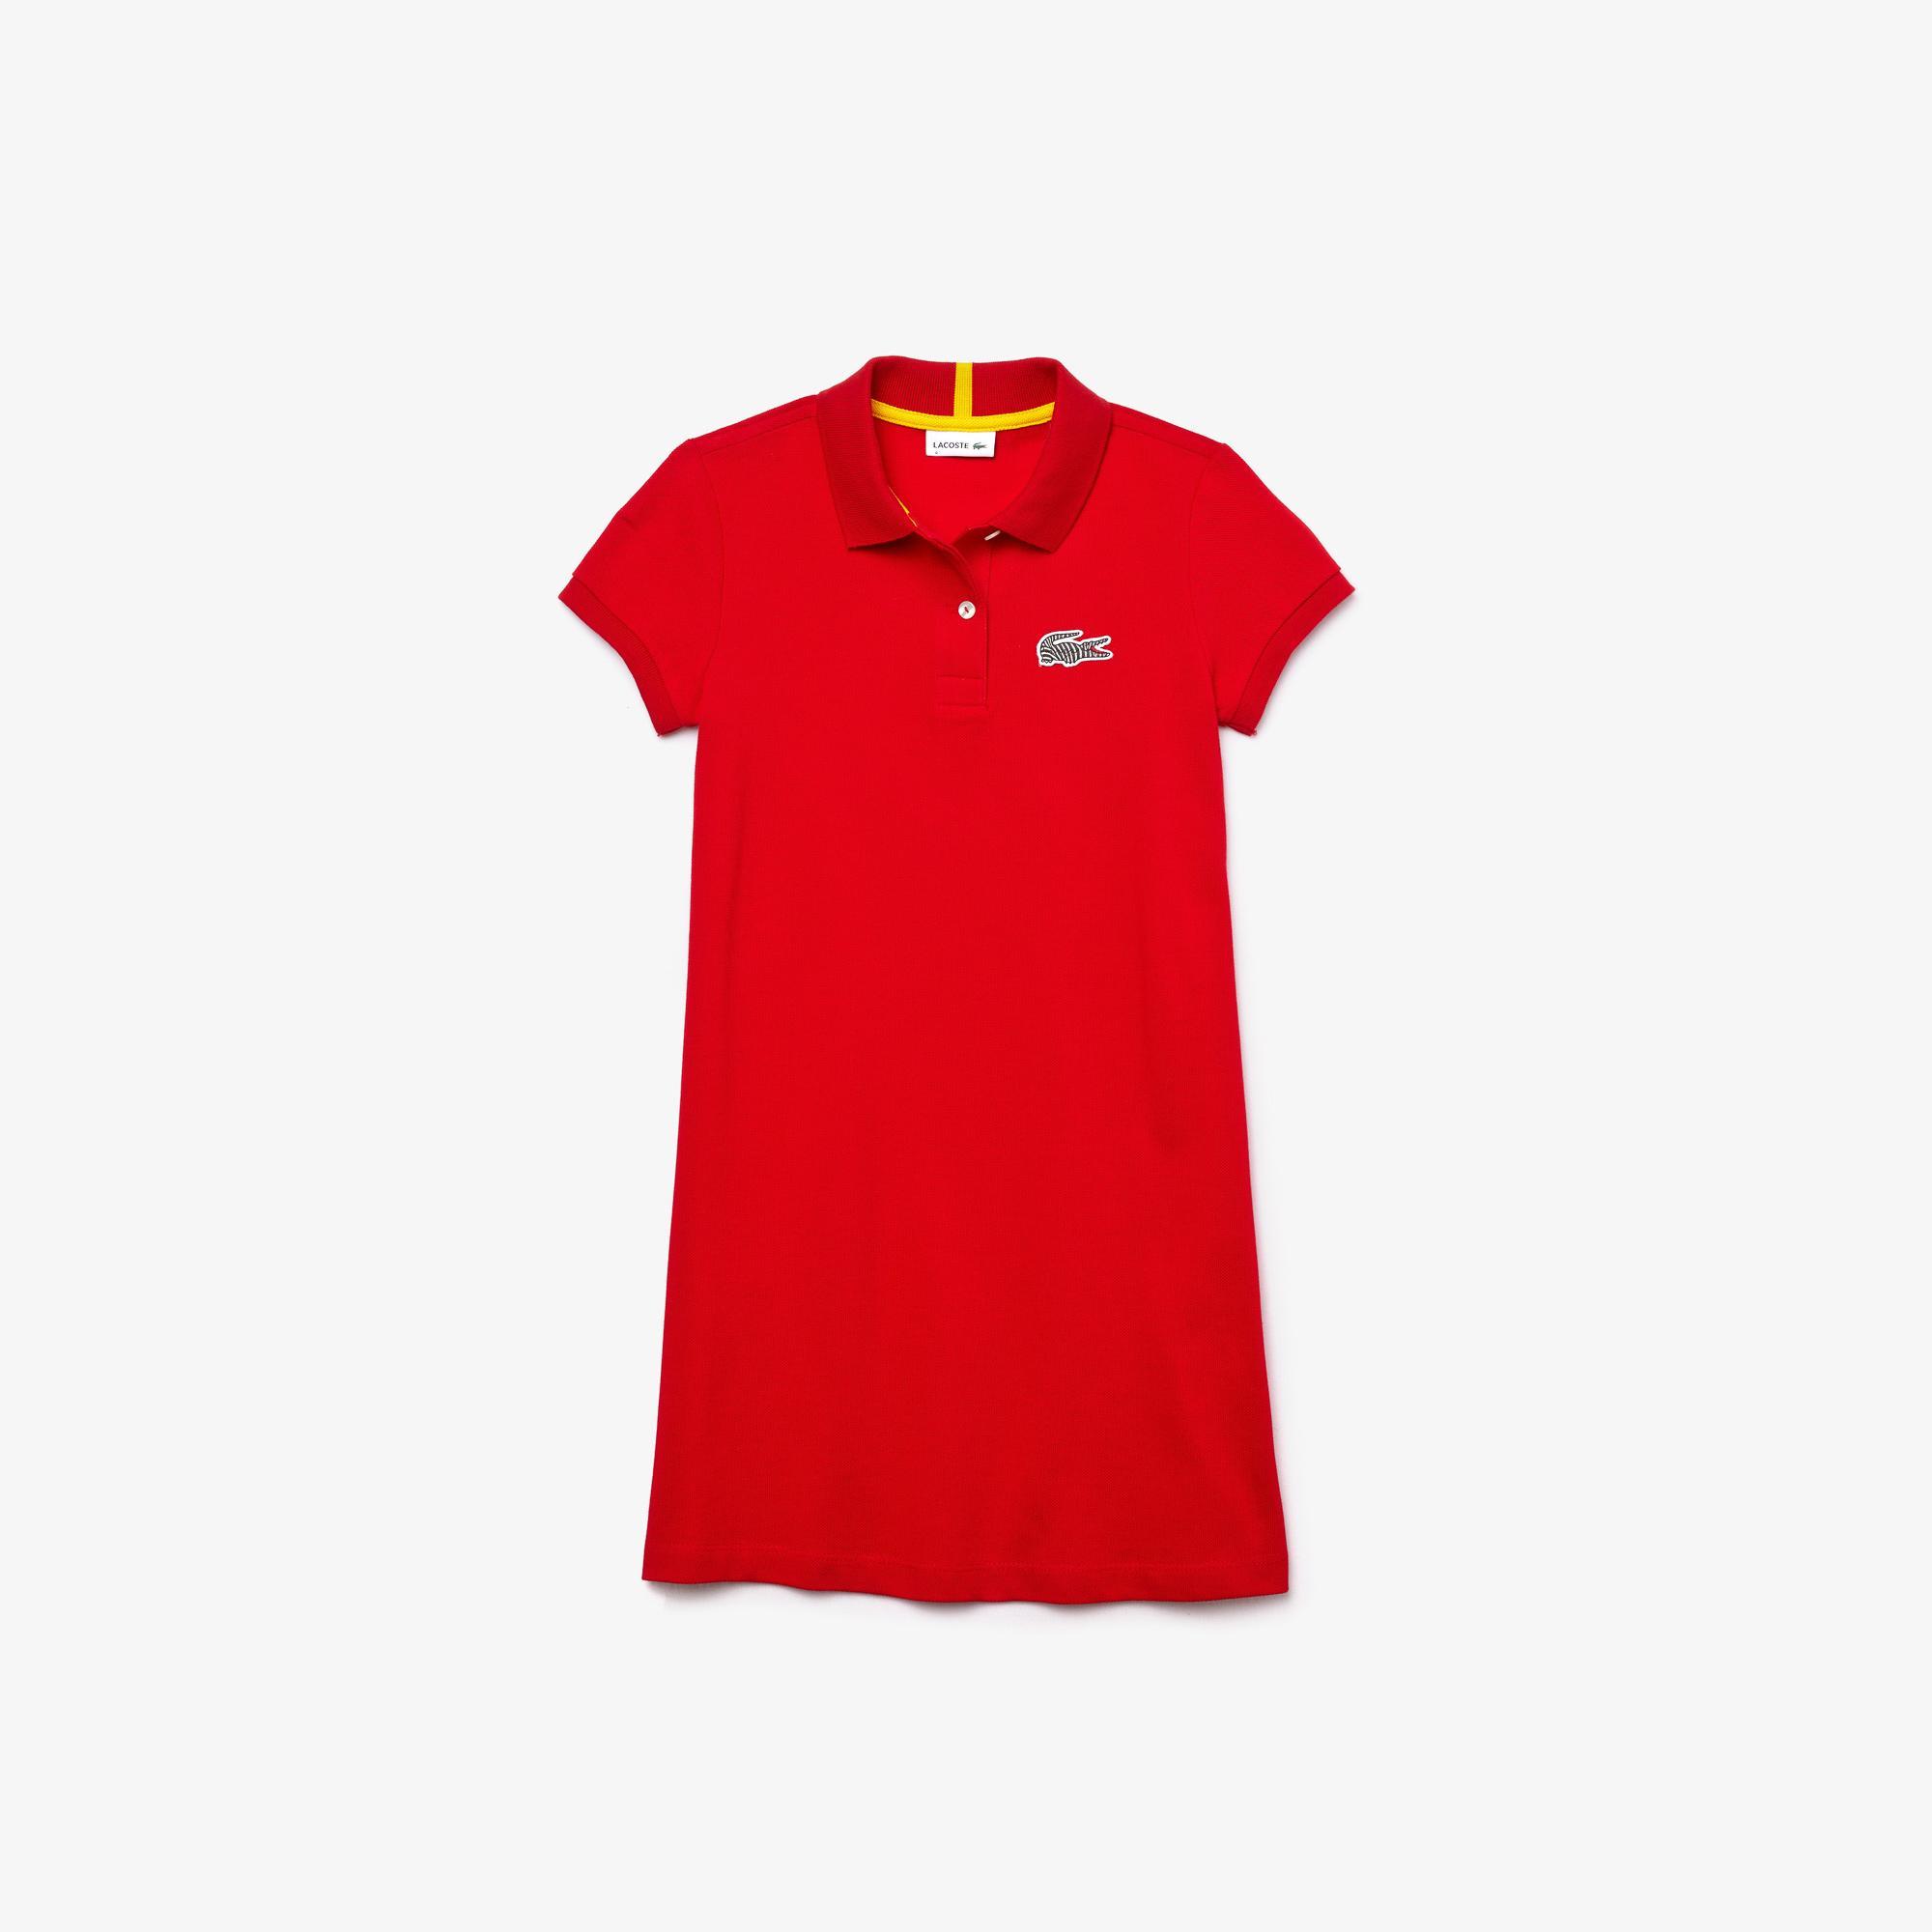 Lacoste x National Geographic Çocuk Polo Yaka Kısa Kollu Kırmızı Elbise